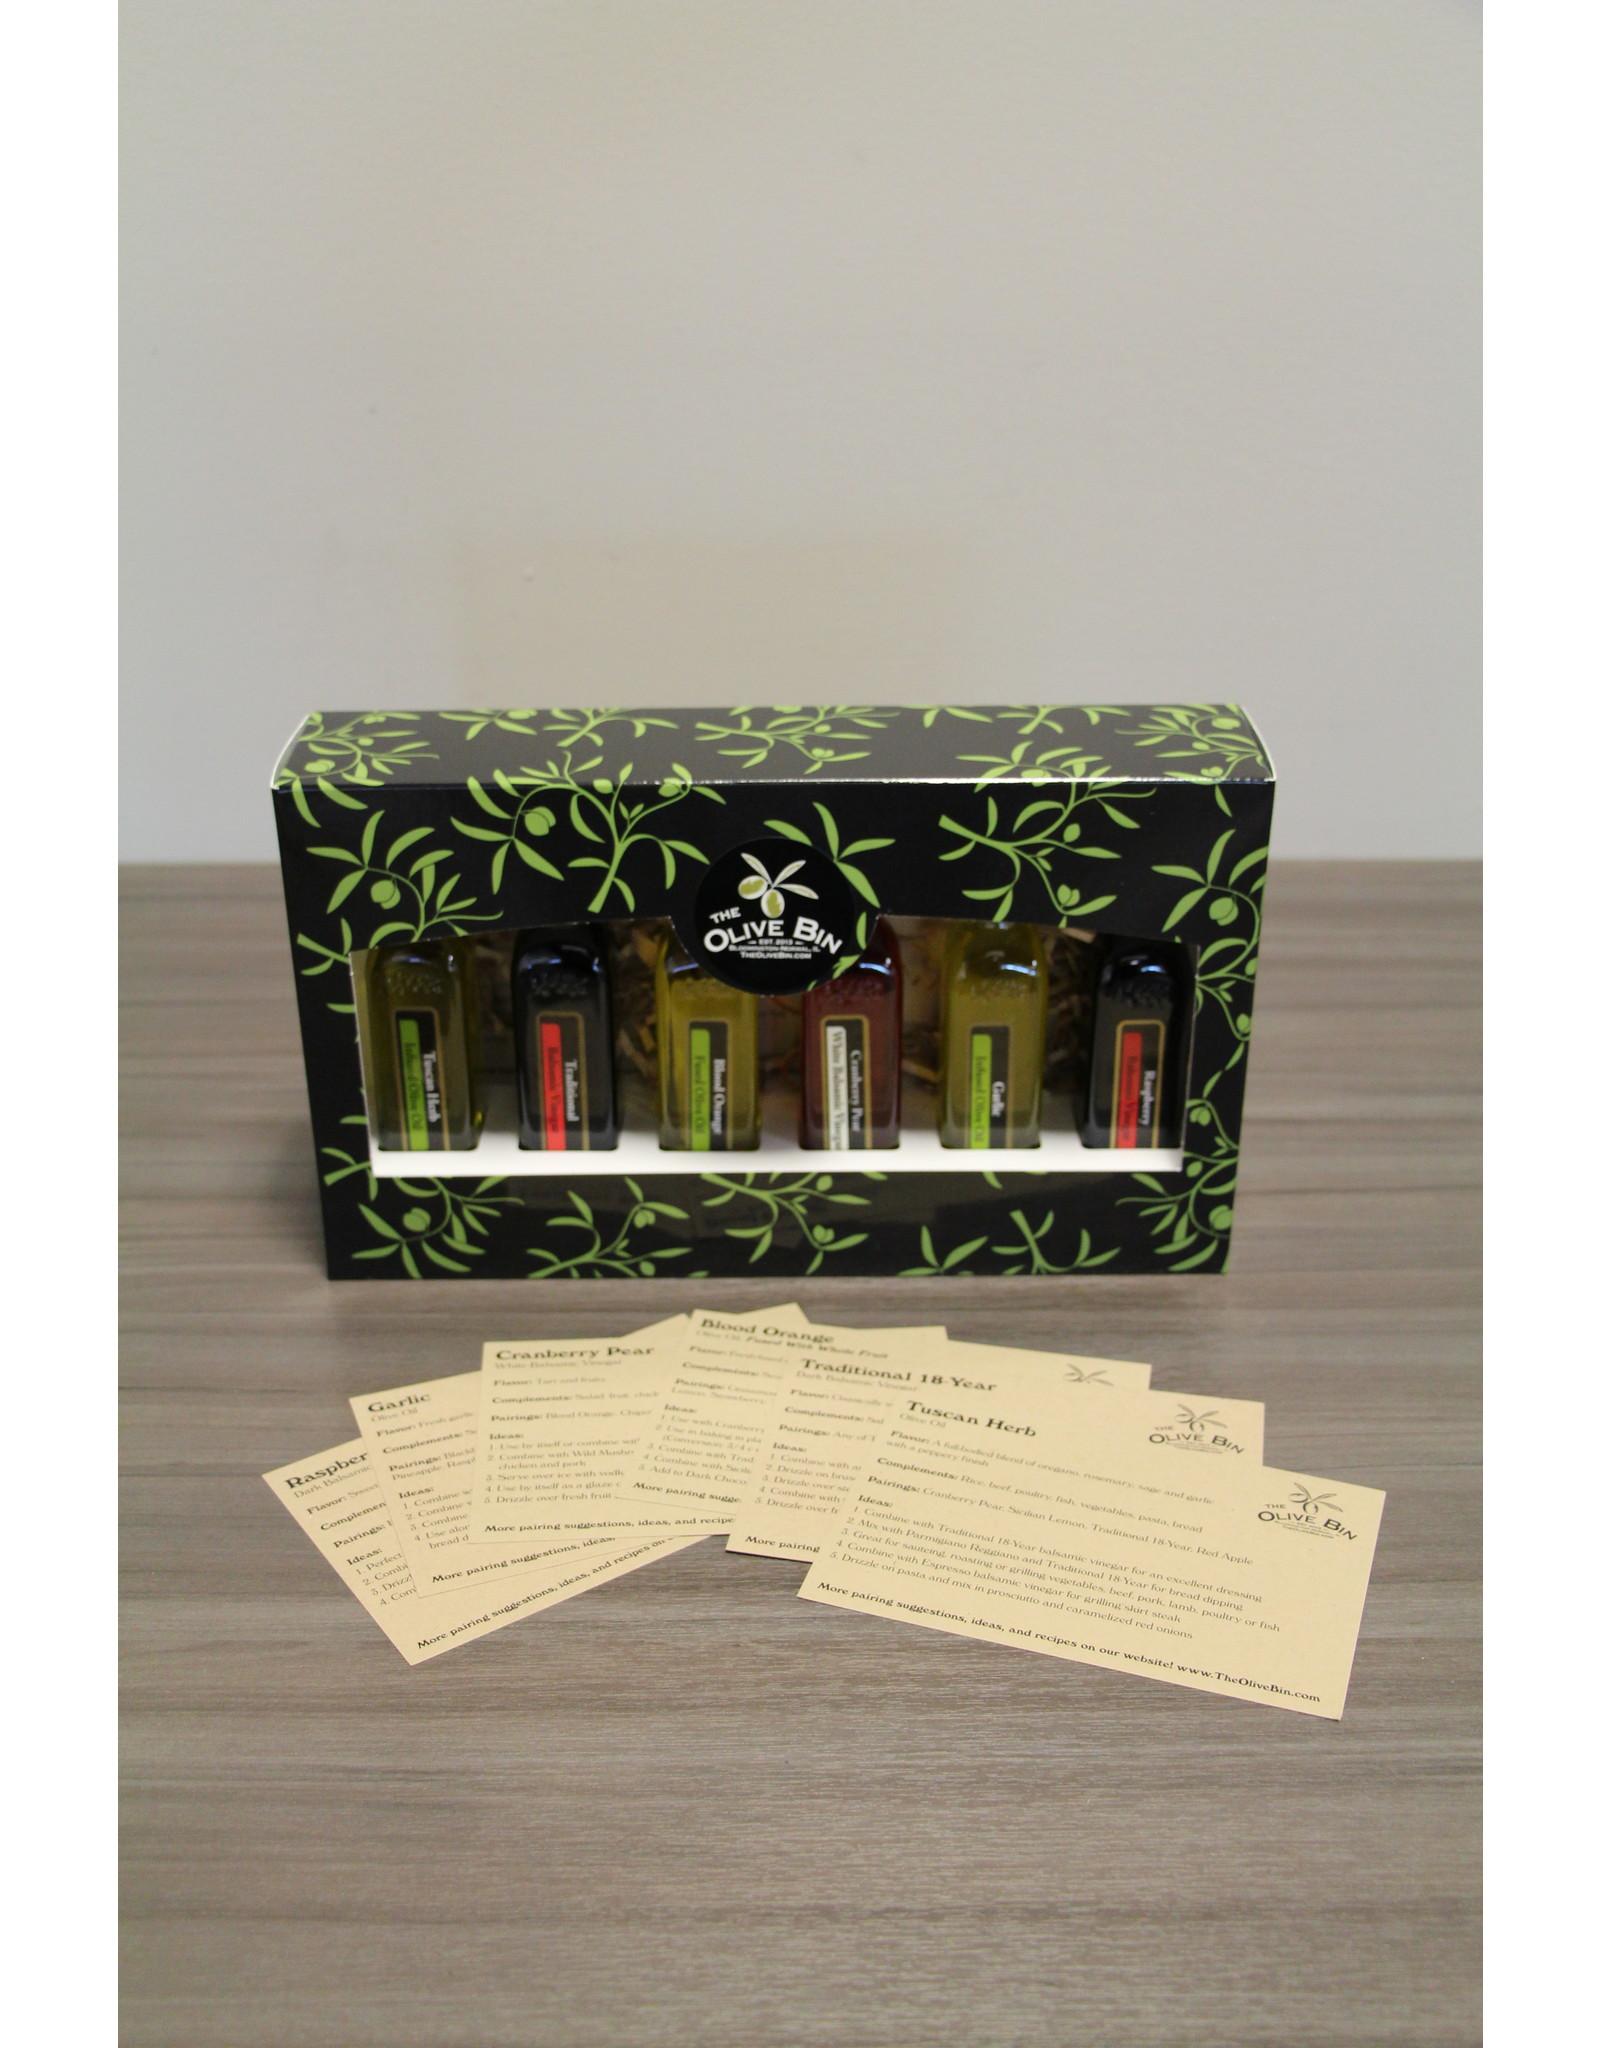 The Olive Bin's 6 Pack Sampler